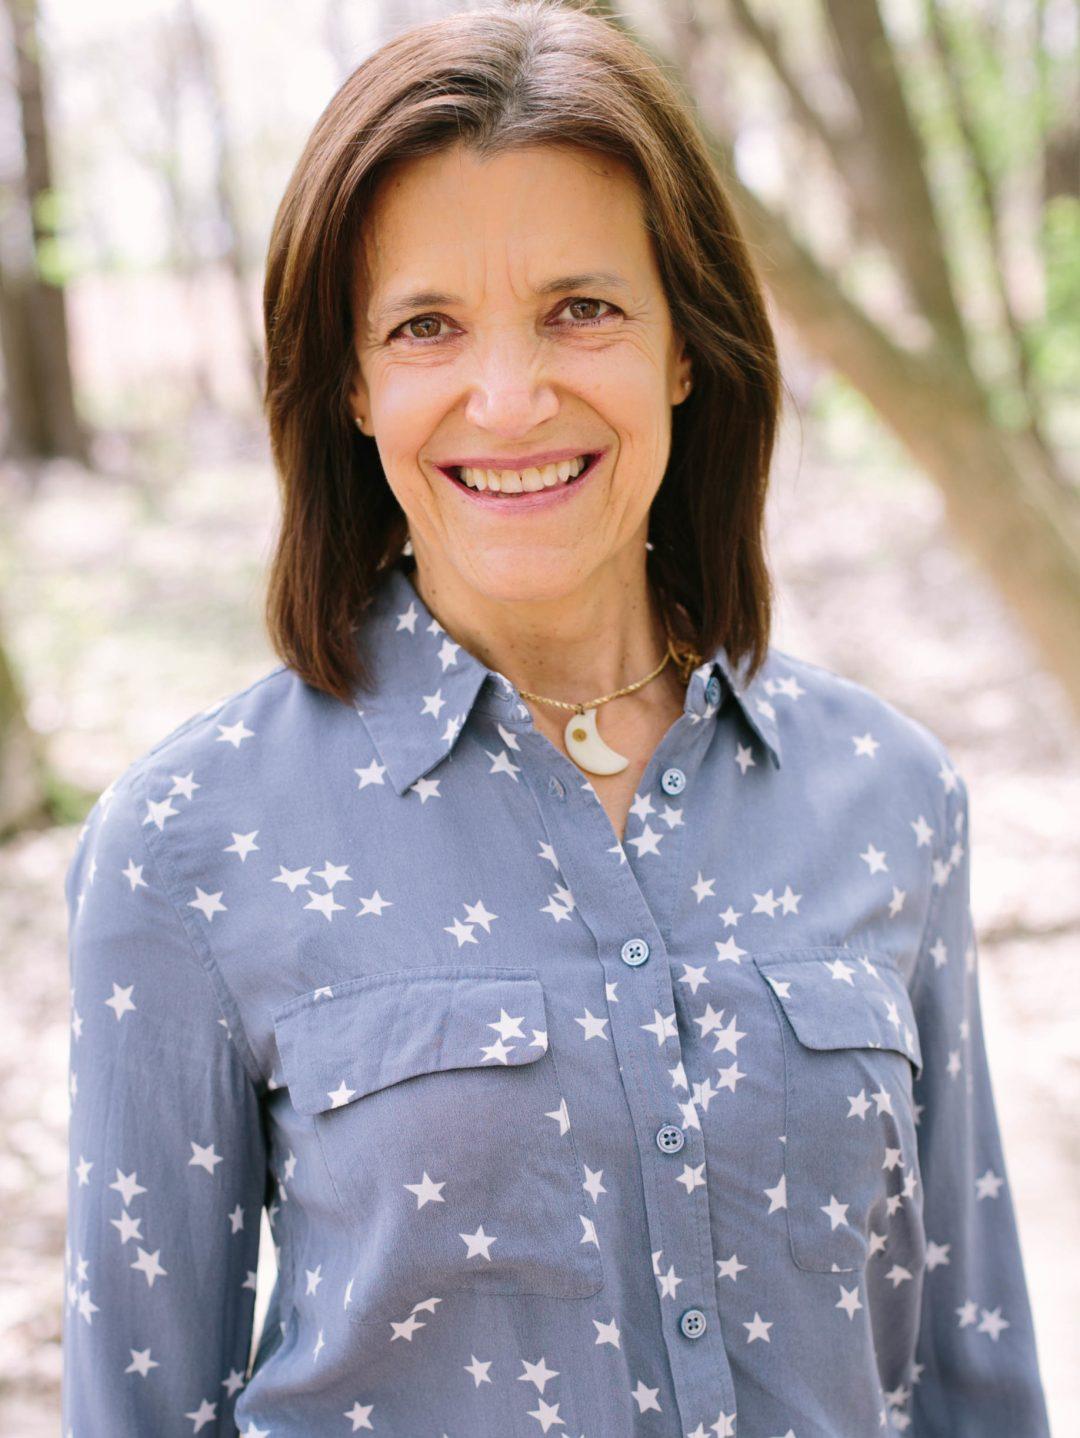 Carolyn Graiziger